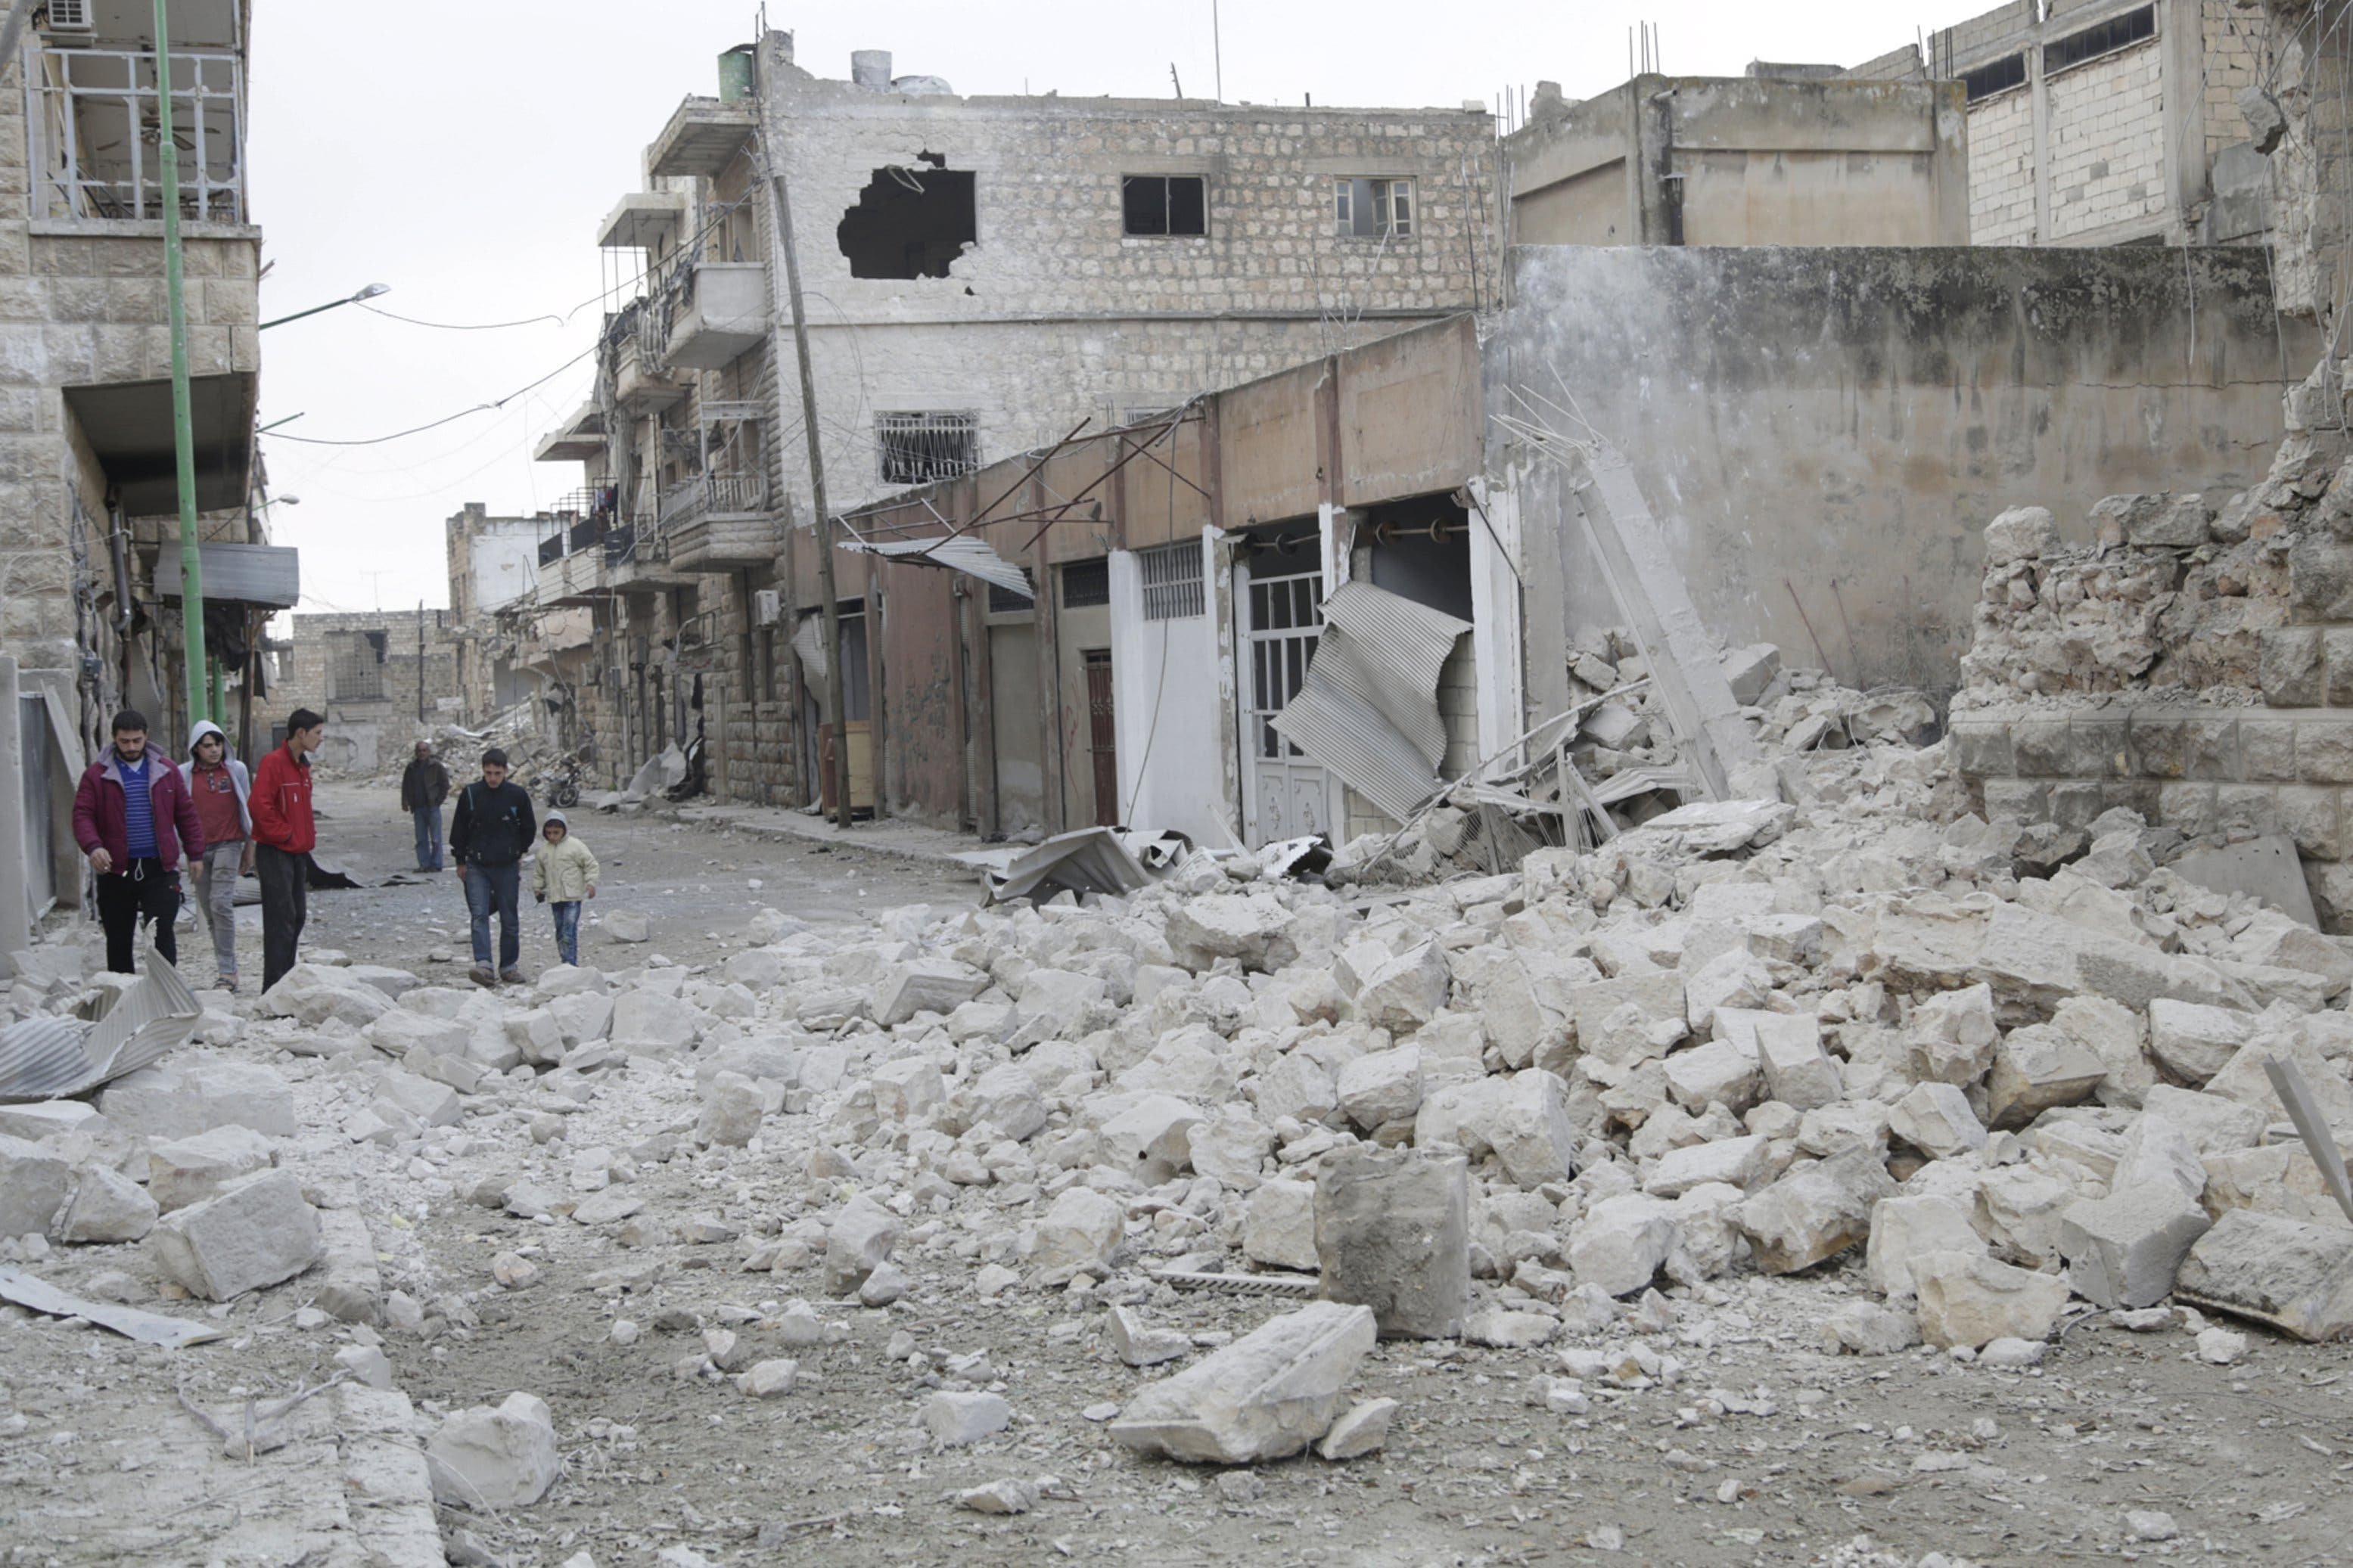 الدمار الذي خلفته غارة روسية على معرة النعمان في ريف إدلب (أرشيفية)